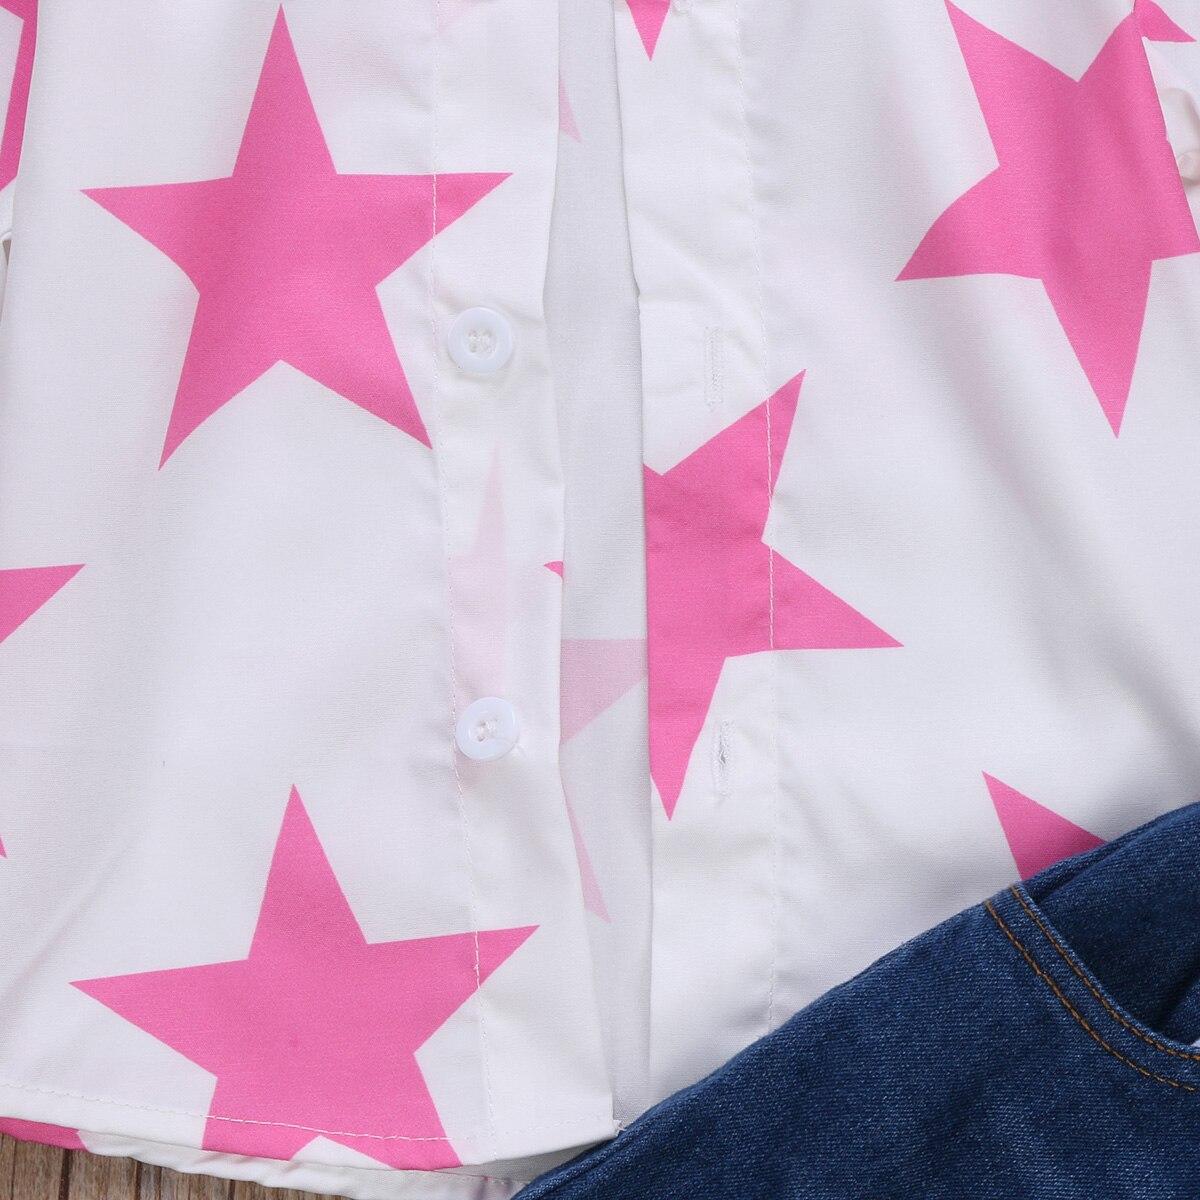 91552cad387d3 PUDCOCO Marque Vêtements Enfant Enfants Fille Étoiles Motif Mode T shirt  Tops Déchiré Jeans Vêtements Pantalon Tenues Set 0 6Y dans Vêtements  Ensembles de ...